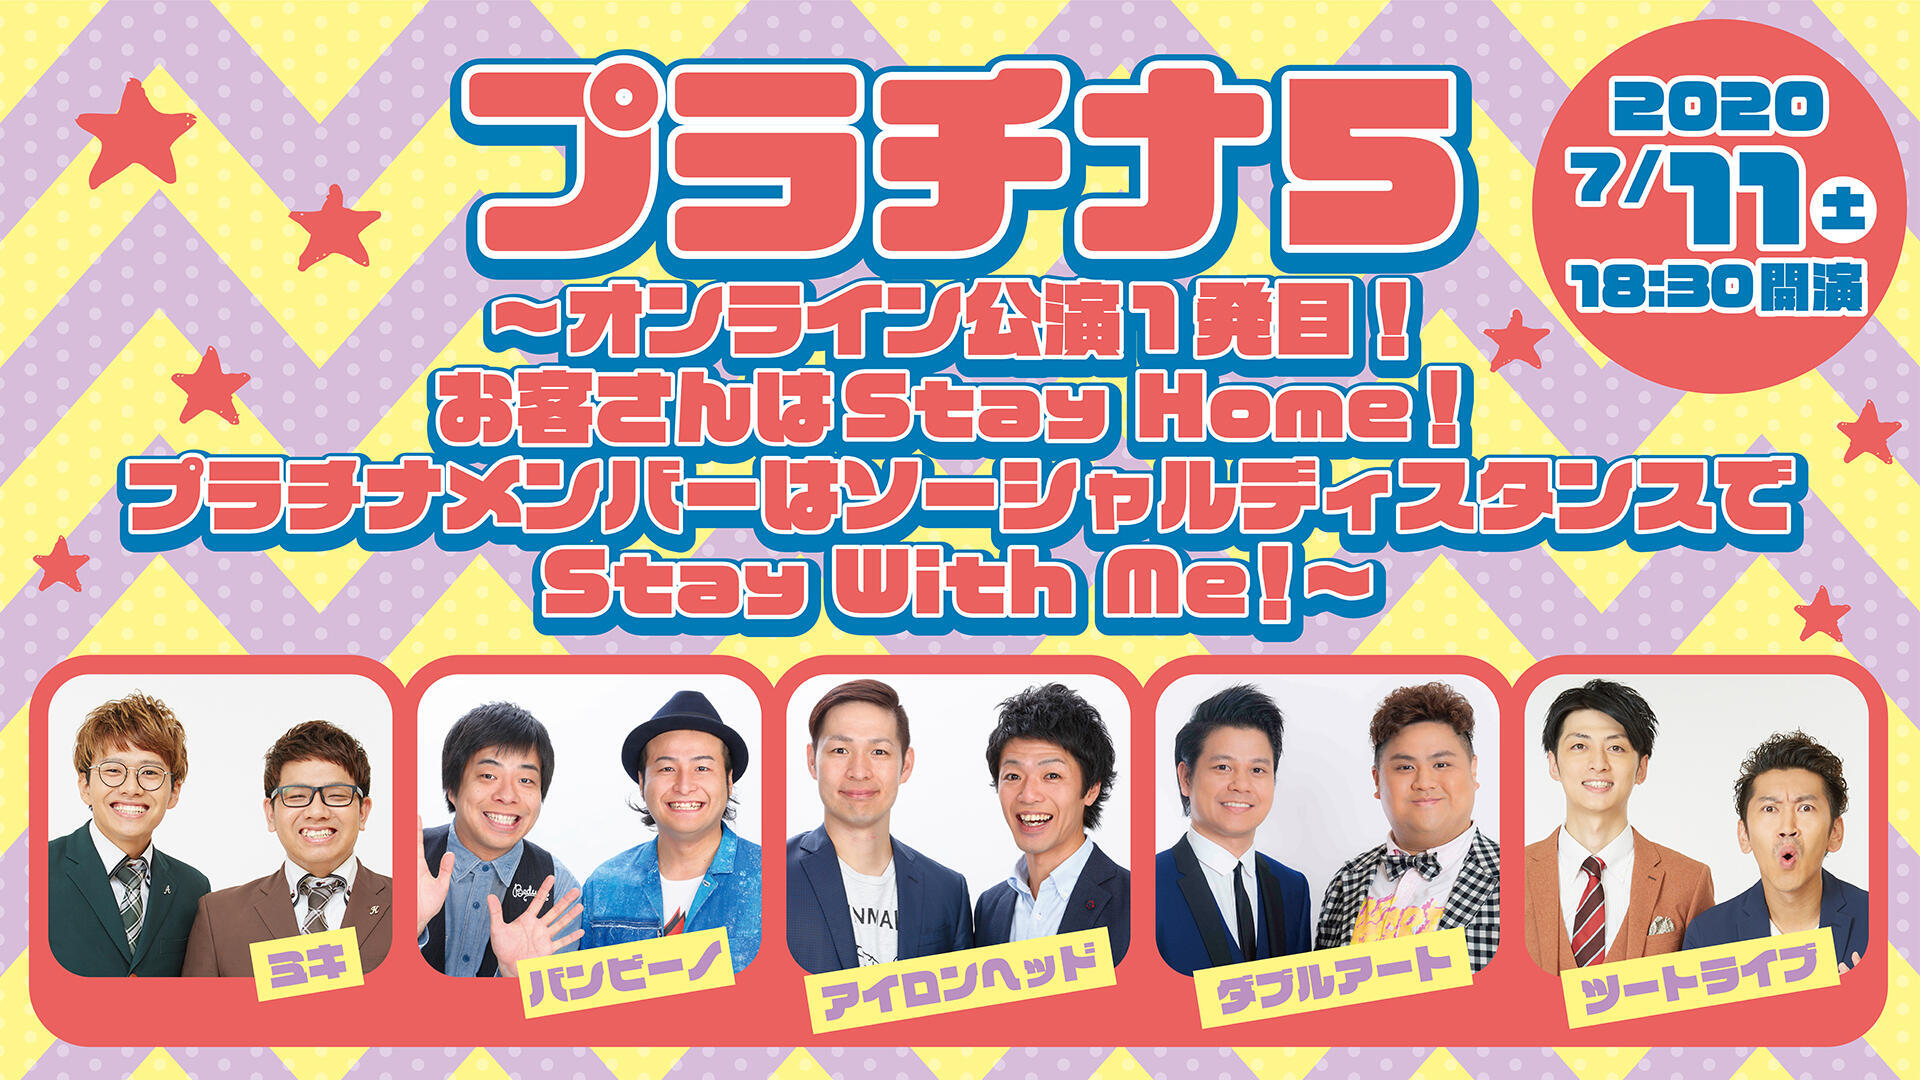 http://www.syumatsu.jp/20200622193913-2e901dea1a63a37ce9f816ee6dc11db80617abbb.jpg